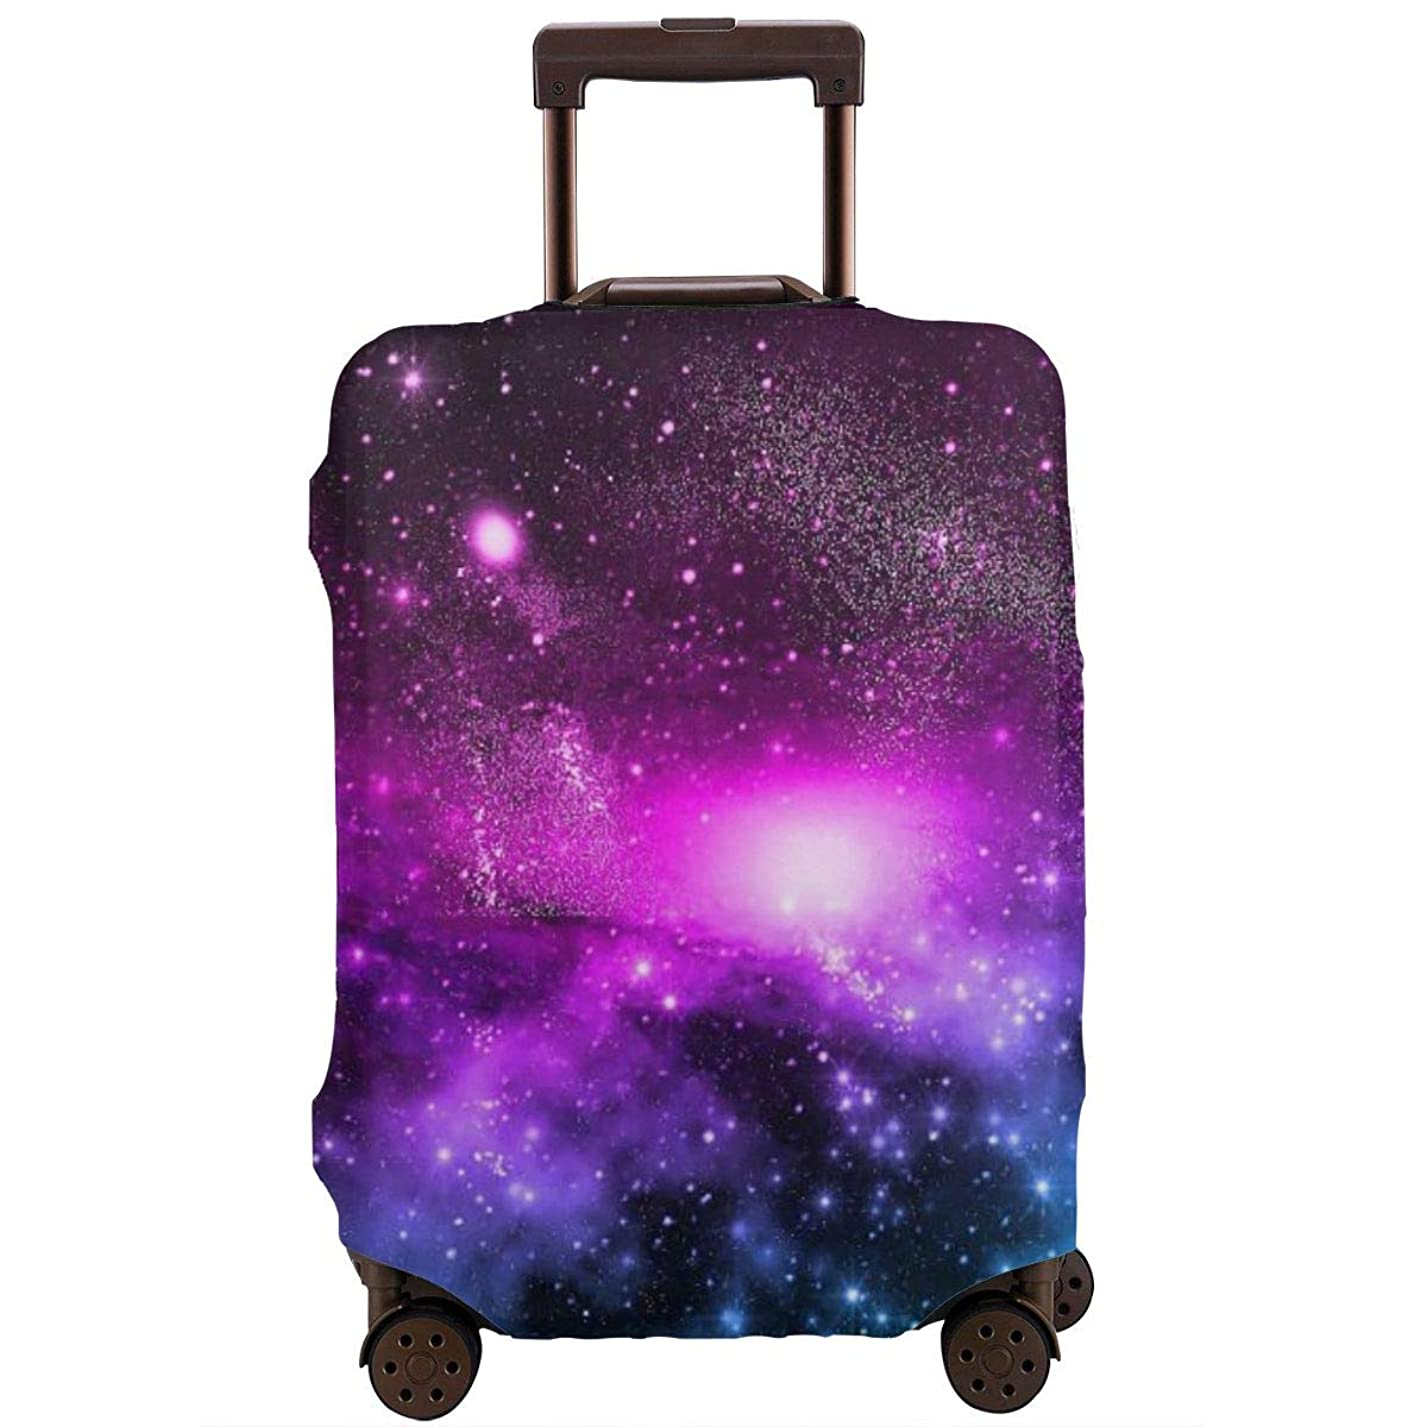 オーブンうぬぼれ追い付くスーツケースカバー キャリーカバー 銀河系宇宙 伸縮弾性素材 トラベルダストカバー スーツケース保護カバー ラゲッジカバー 通気性 傷防止 盗難 防塵カバー 欧米風 S/M/L/XLサイズ